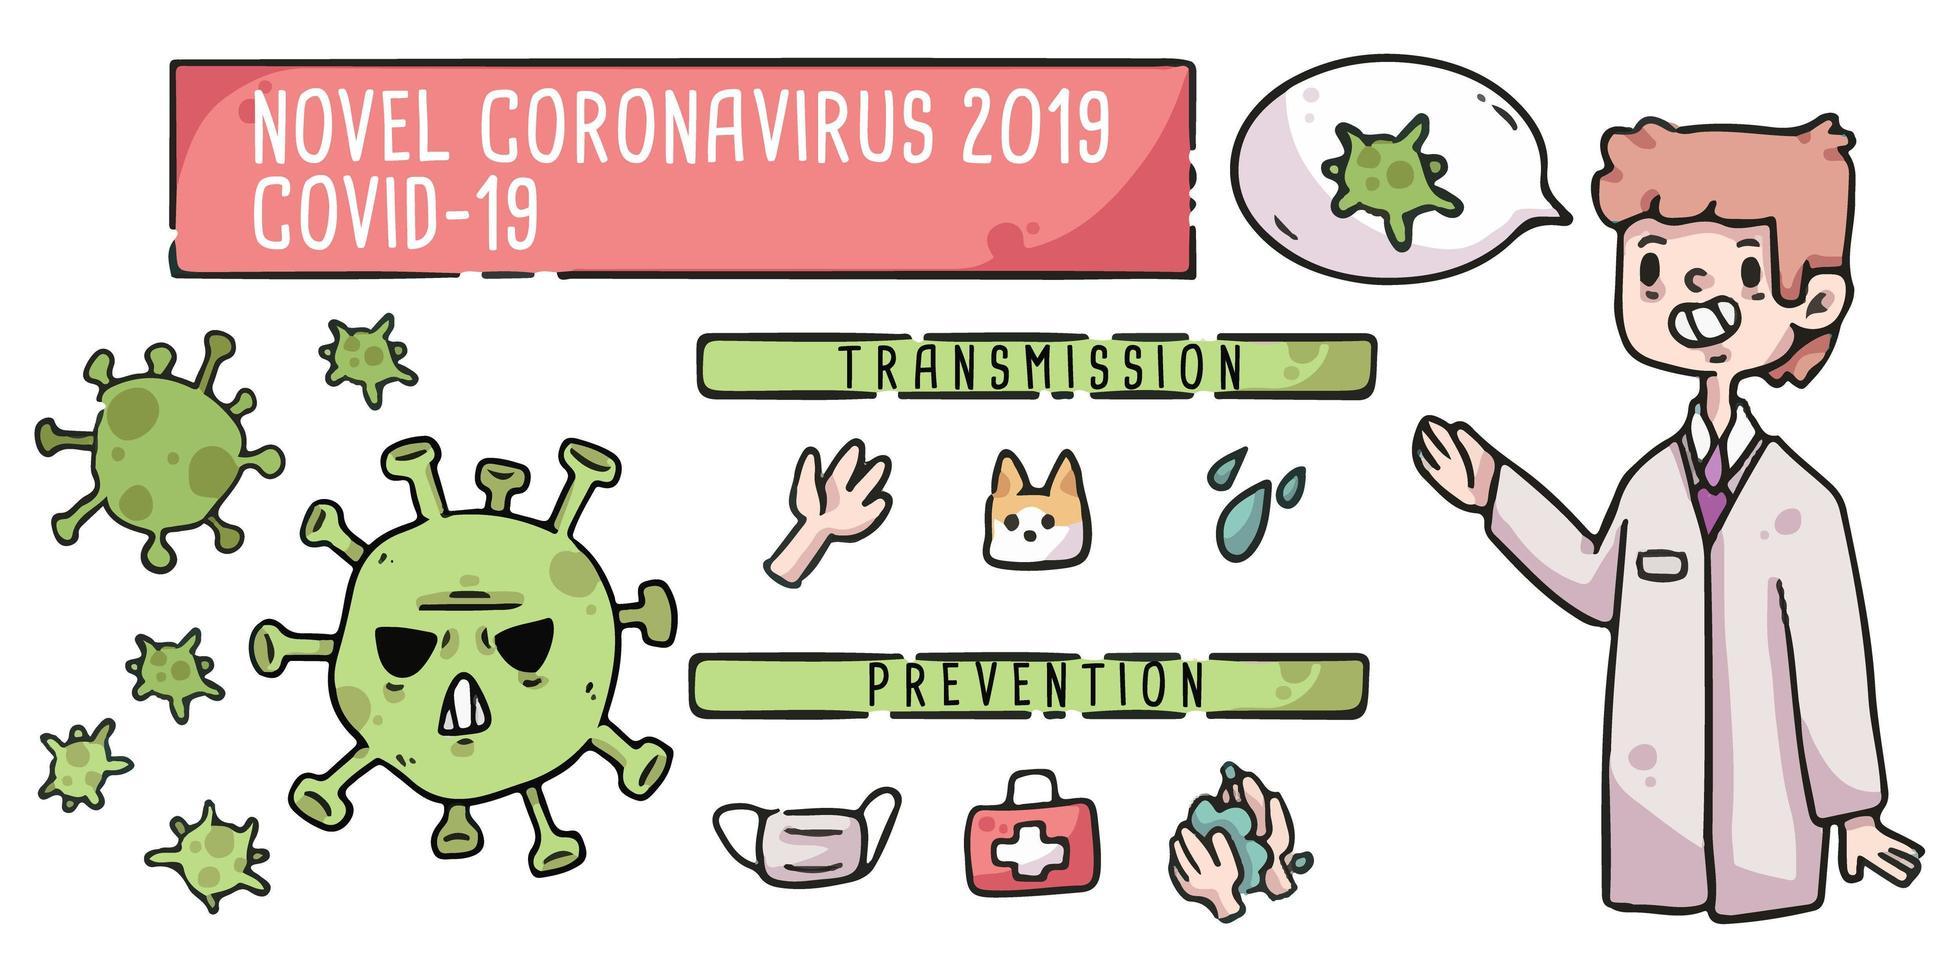 Coronavirus Arzt pädagogische Illustration Übertragung und Prävention von Covid-19 vektor